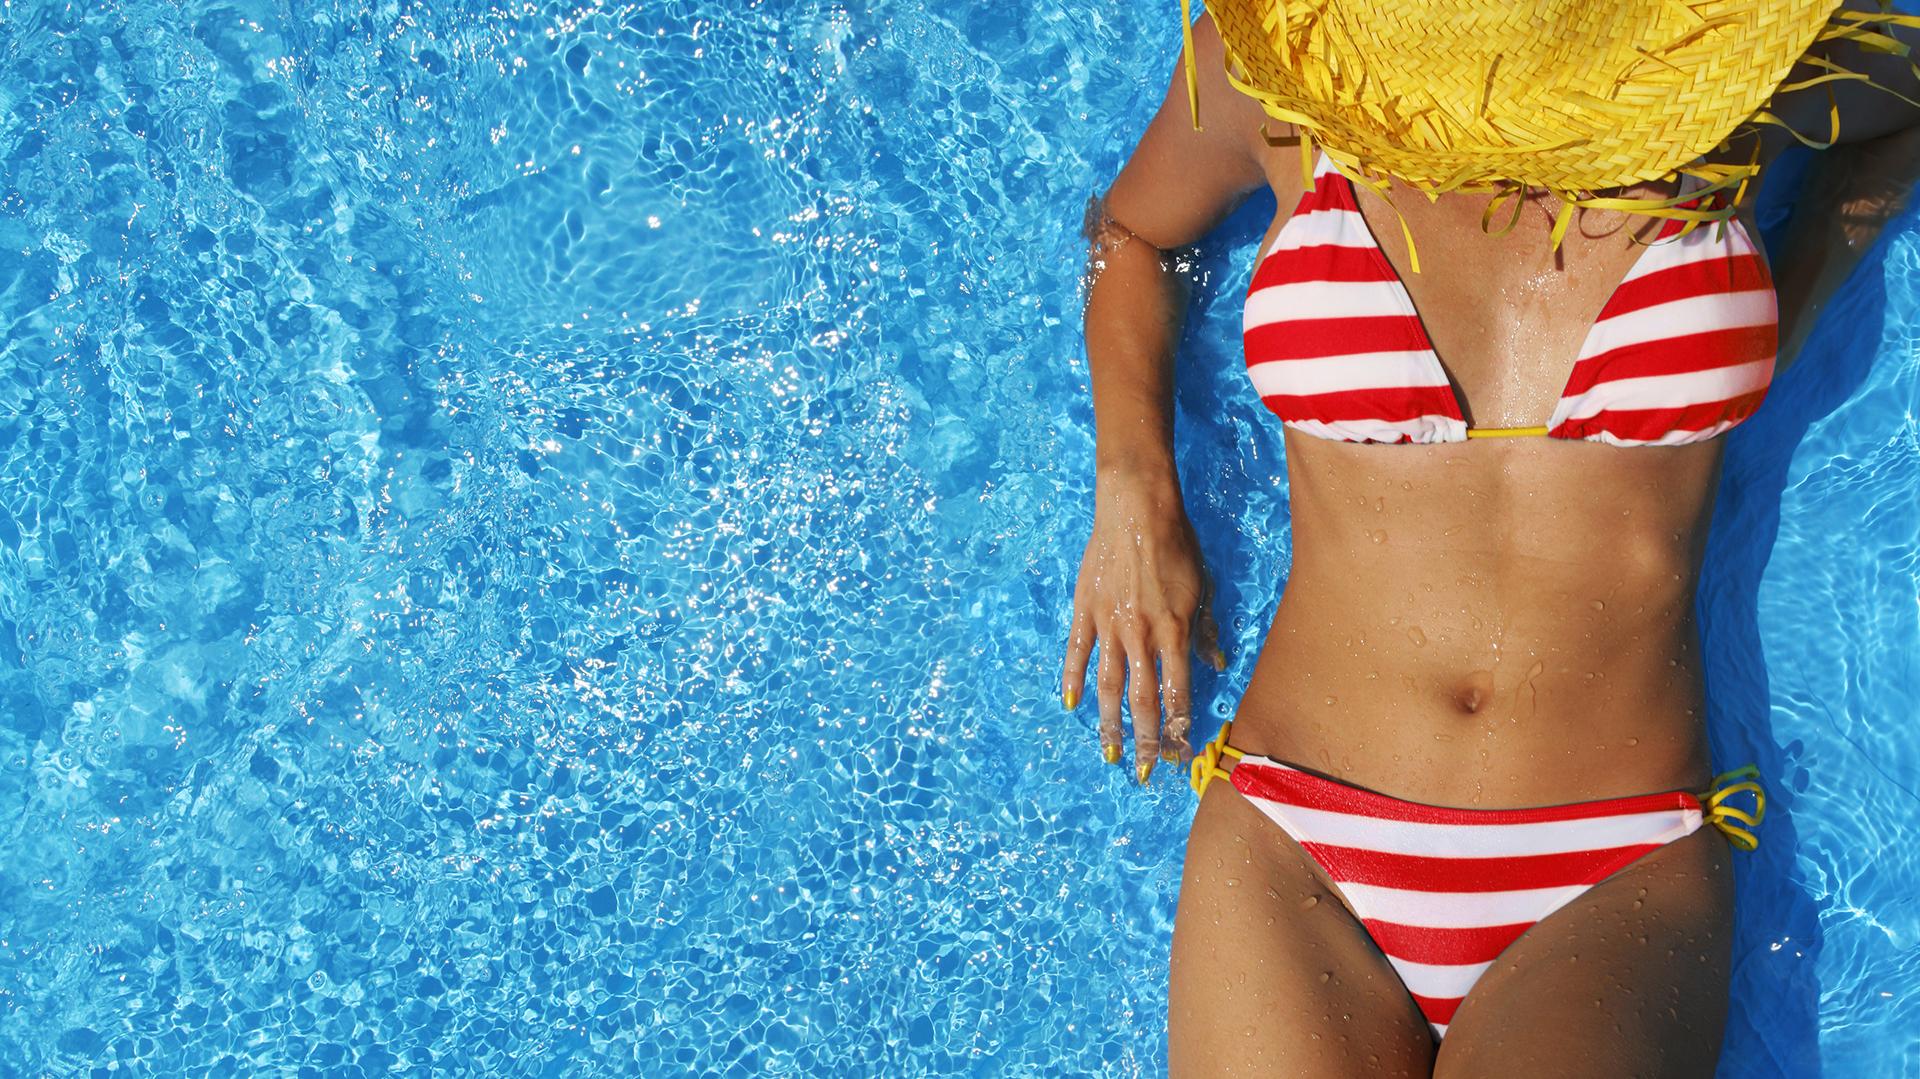 La bikini triangulito, el modelo más elegido por las argentinas para lucir en las playas del verano 2018 (Getty)